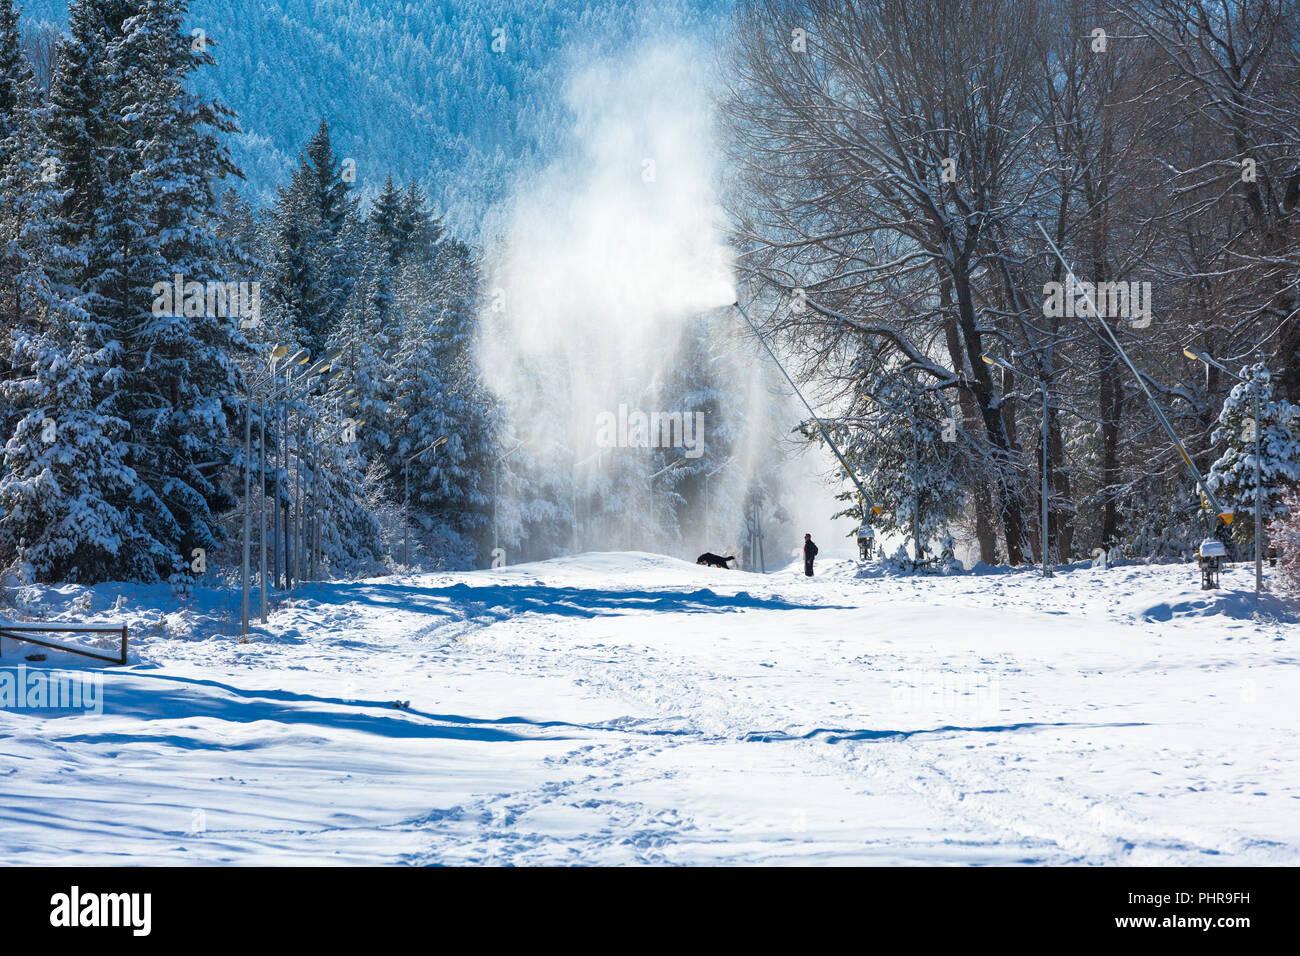 Station de ski d'hiver paysage et canons à neige à Bansko, Bulgarie Photo Stock